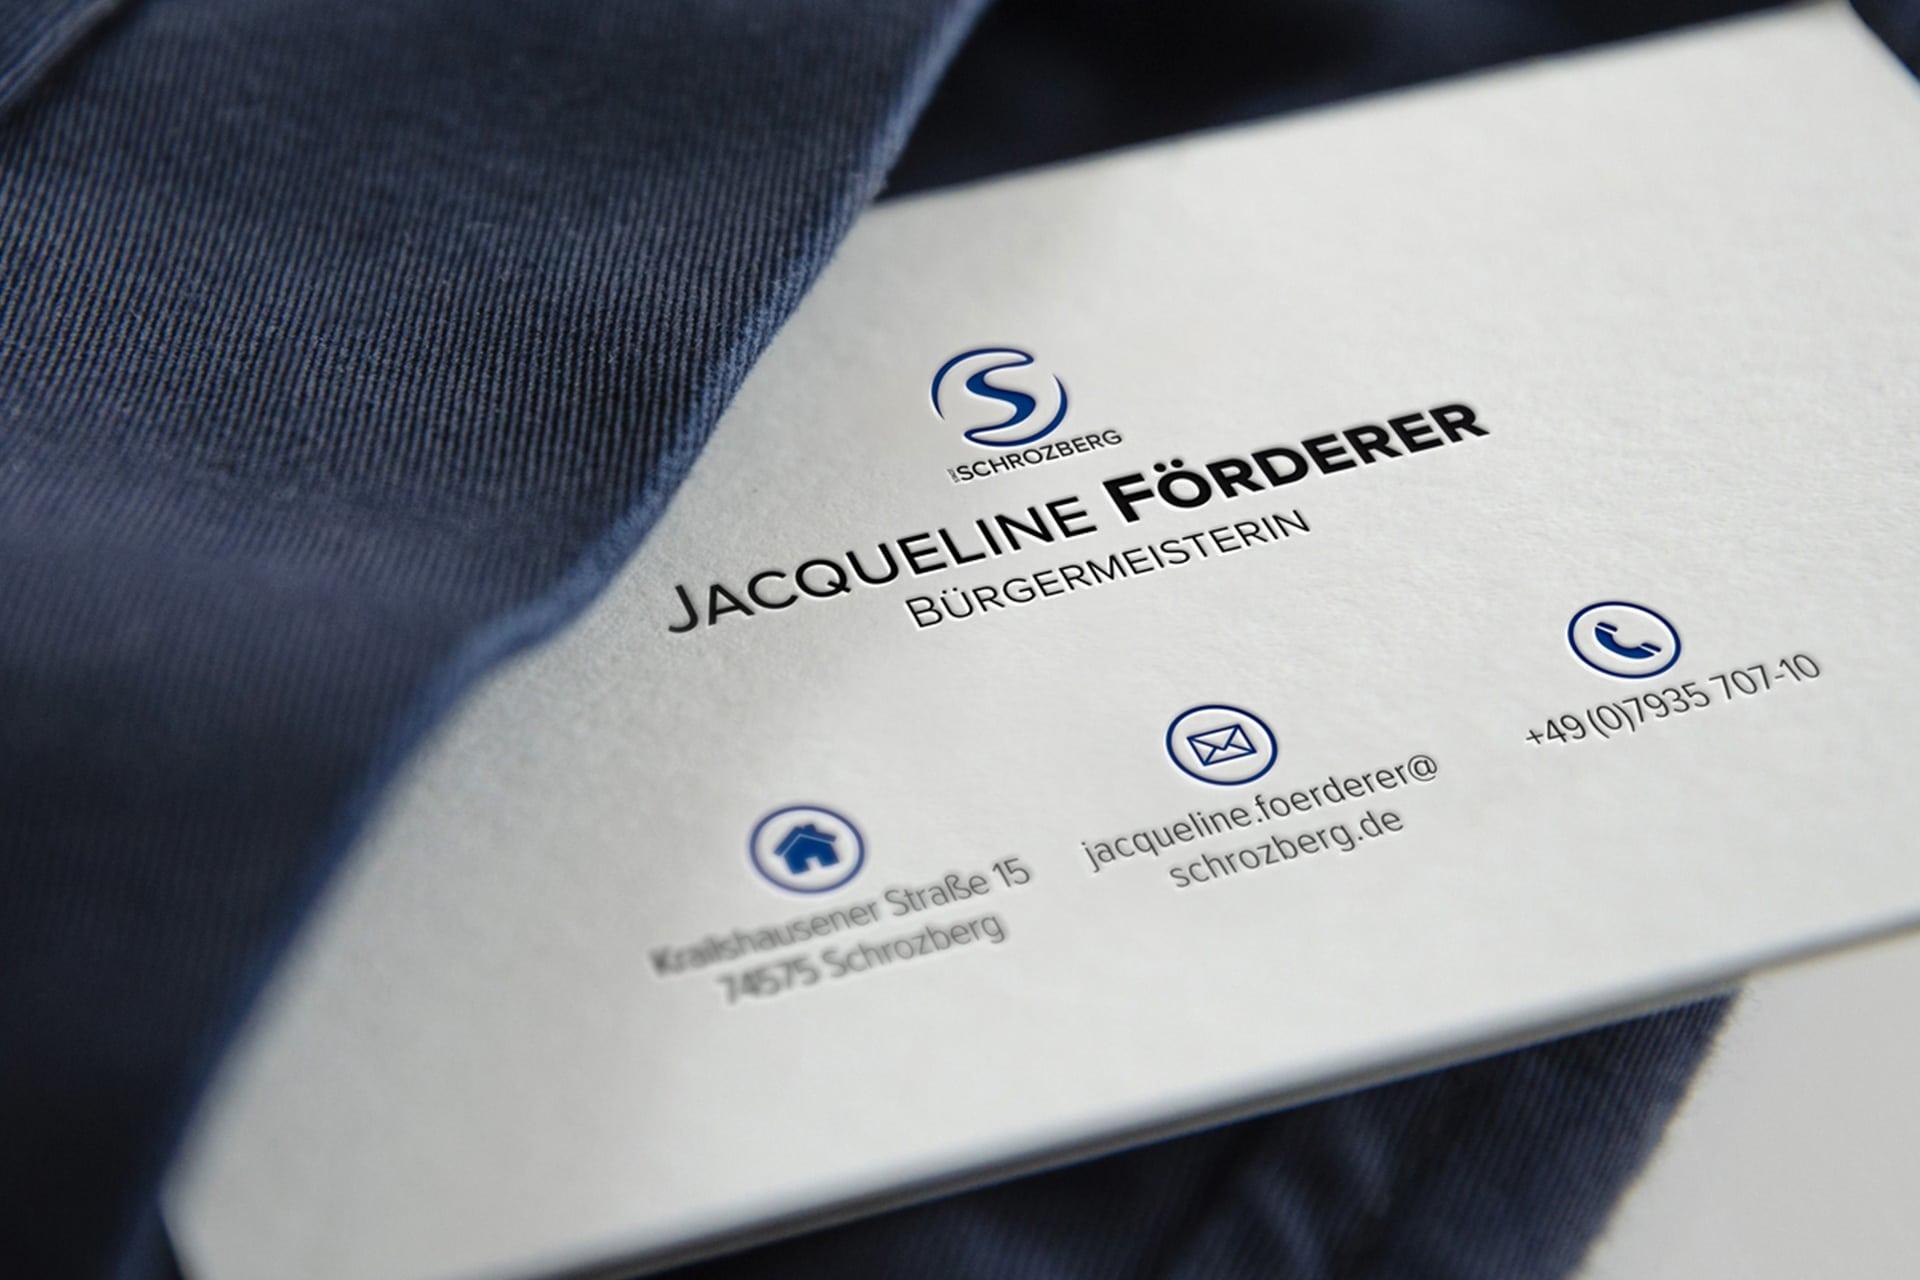 Visitenkarte Jacqueline Förderer - Bürgermeisterin Stadt Schrozberg